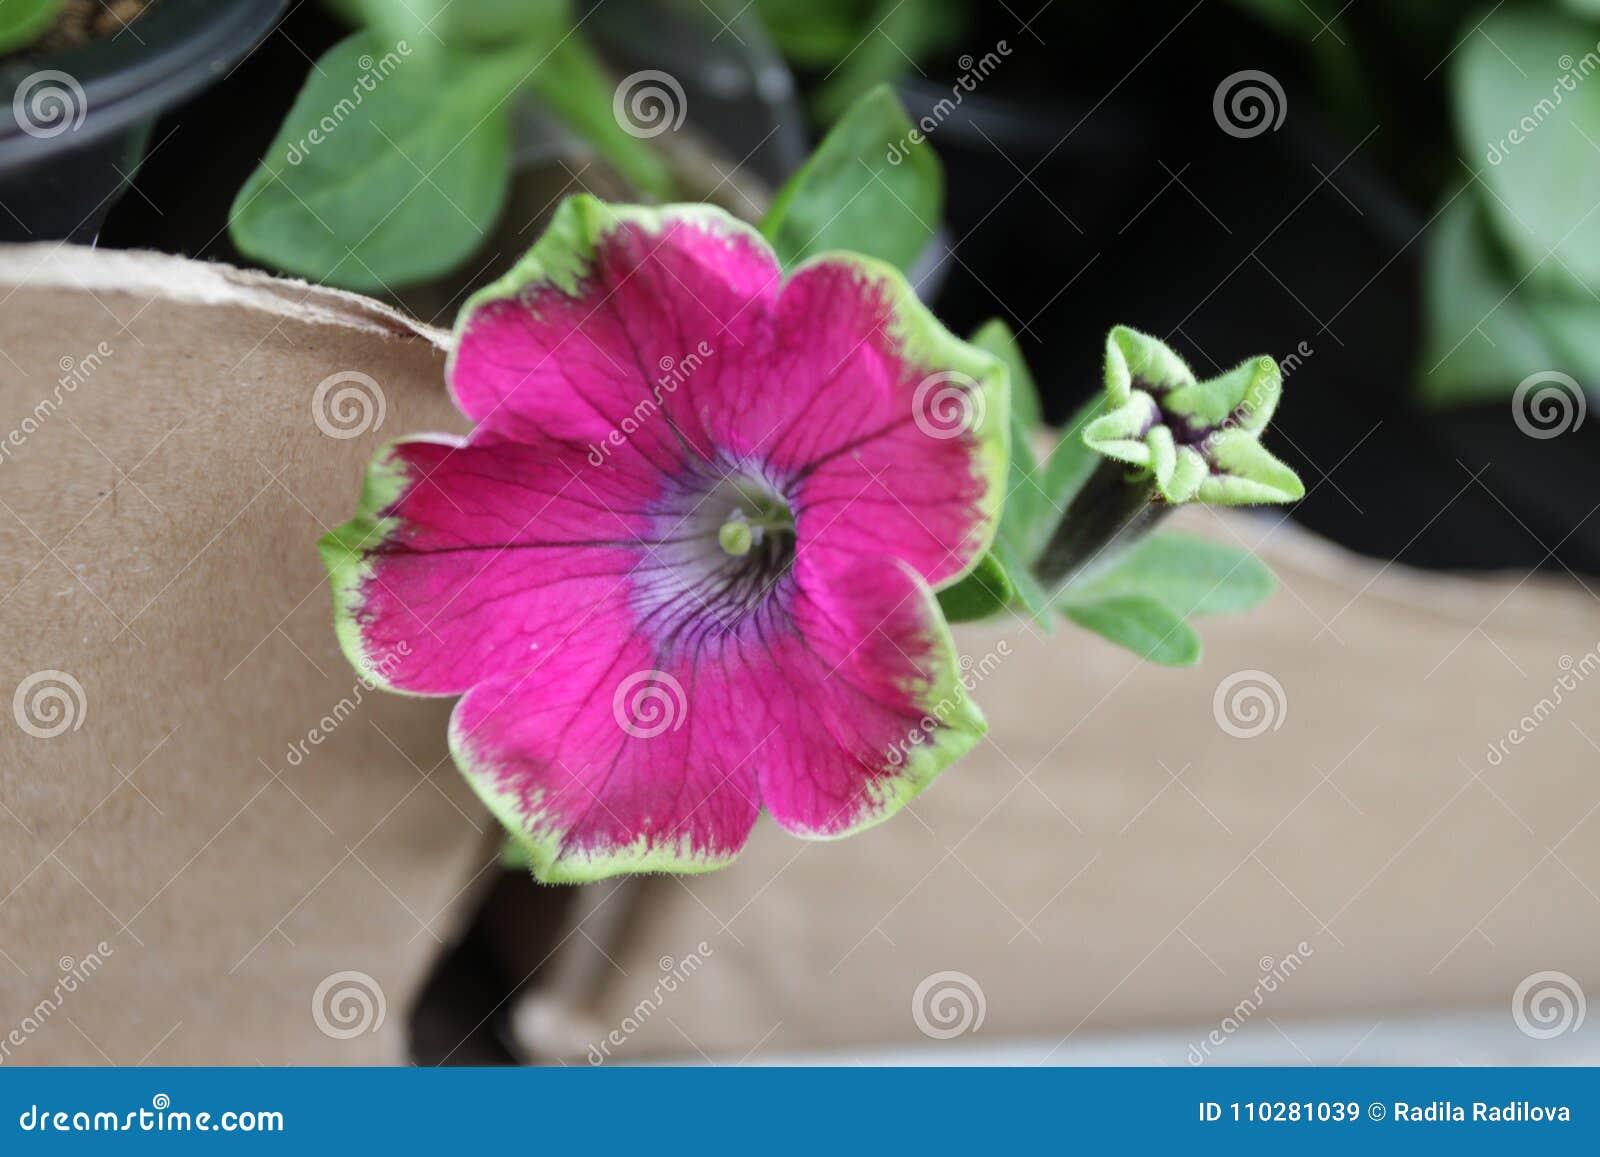 Petunia Fleur Unique De Petunia De Couleur Avec Les Feuilles Vertes